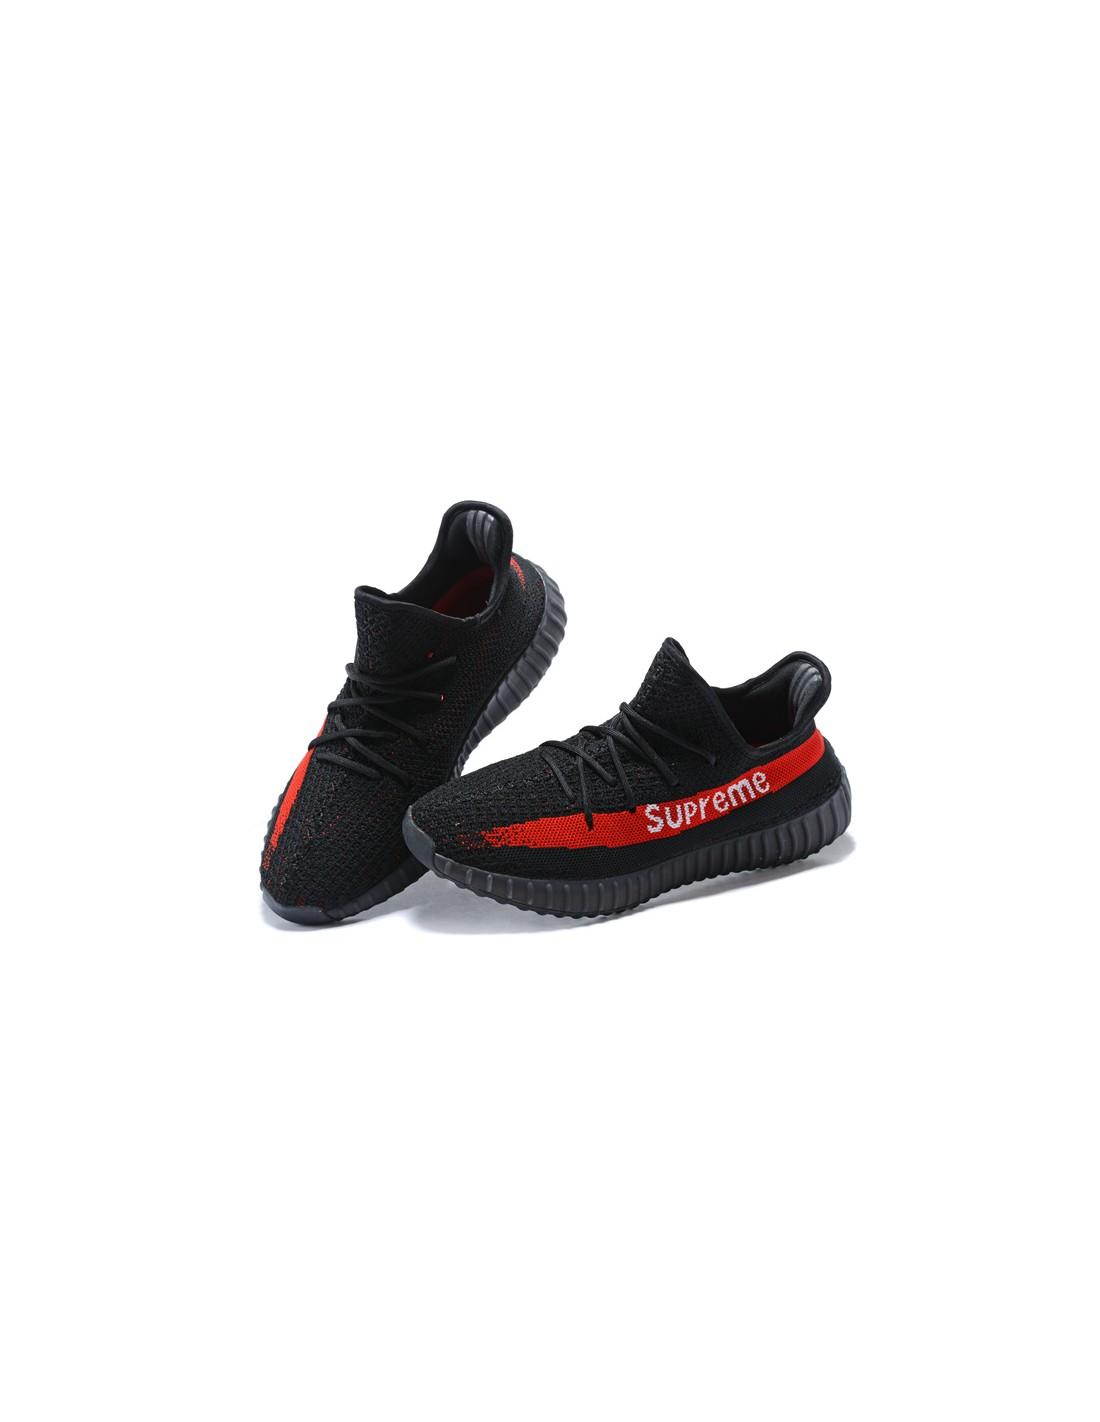 Easyboost Nike Easyboost Chaussure Nike Chaussure Easyboost Nike Chaussure Chaussure Easyboost Nike Easyboost Chaussure nNymOv08w